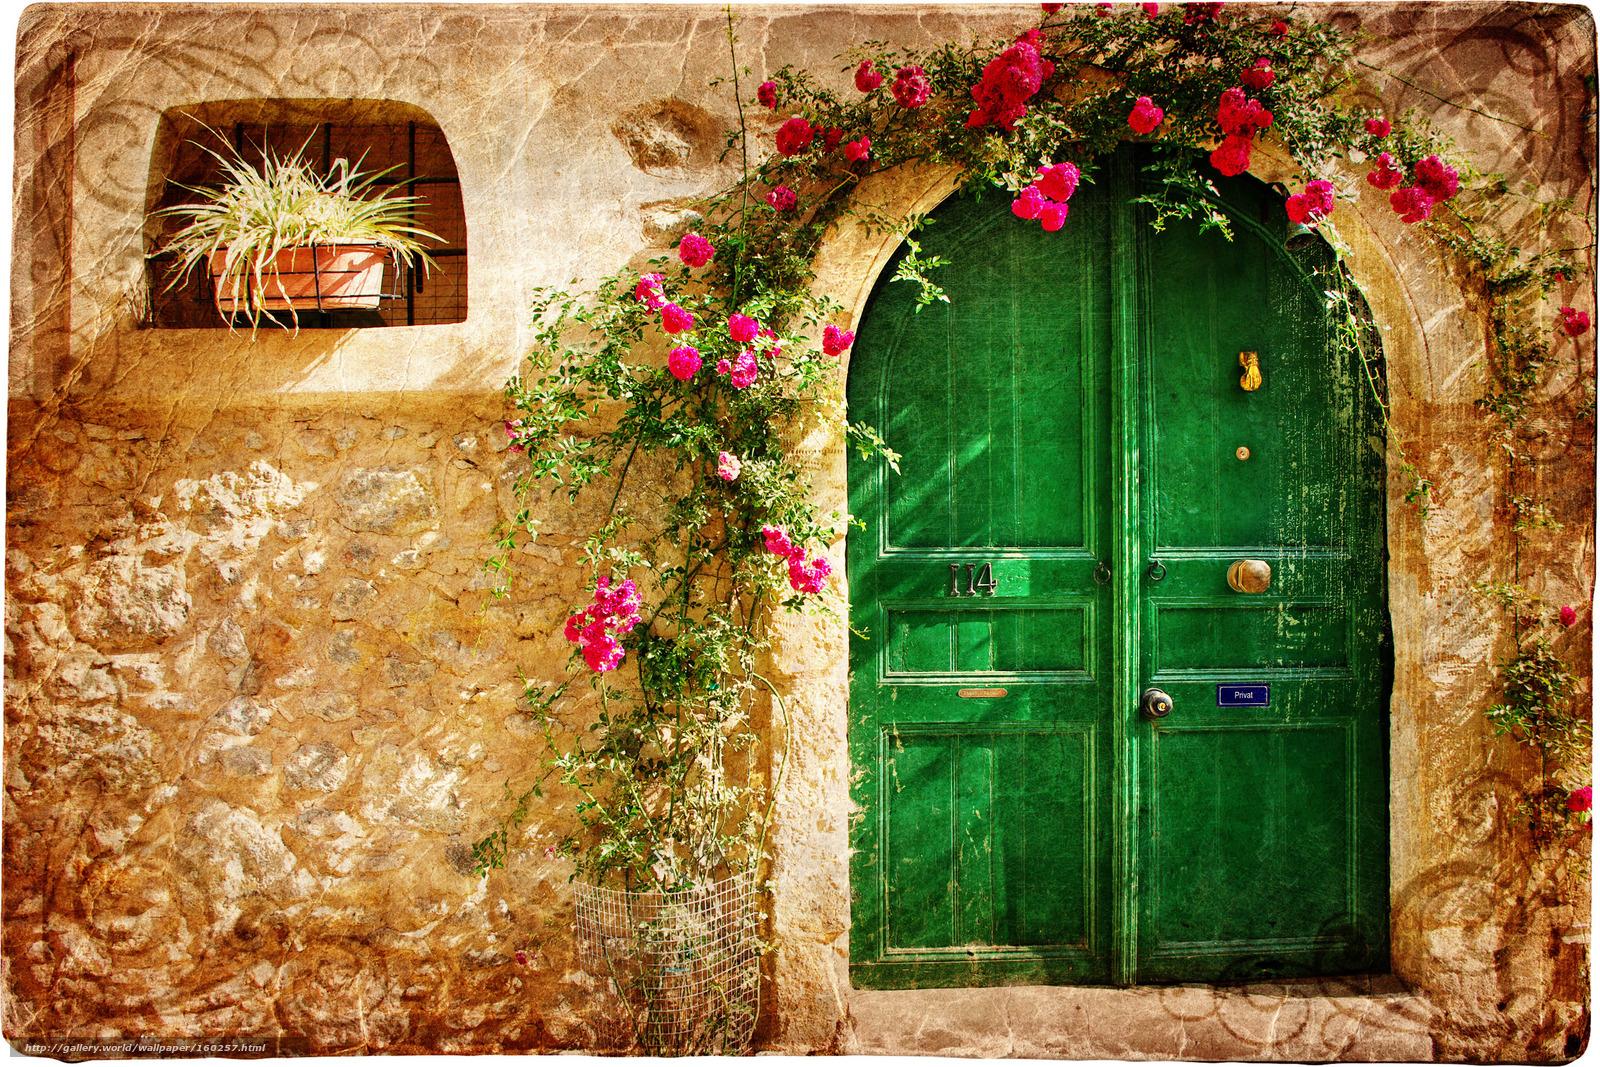 Bir taş ev kapı desen kırmızı çiçekler 3000x2000 resim